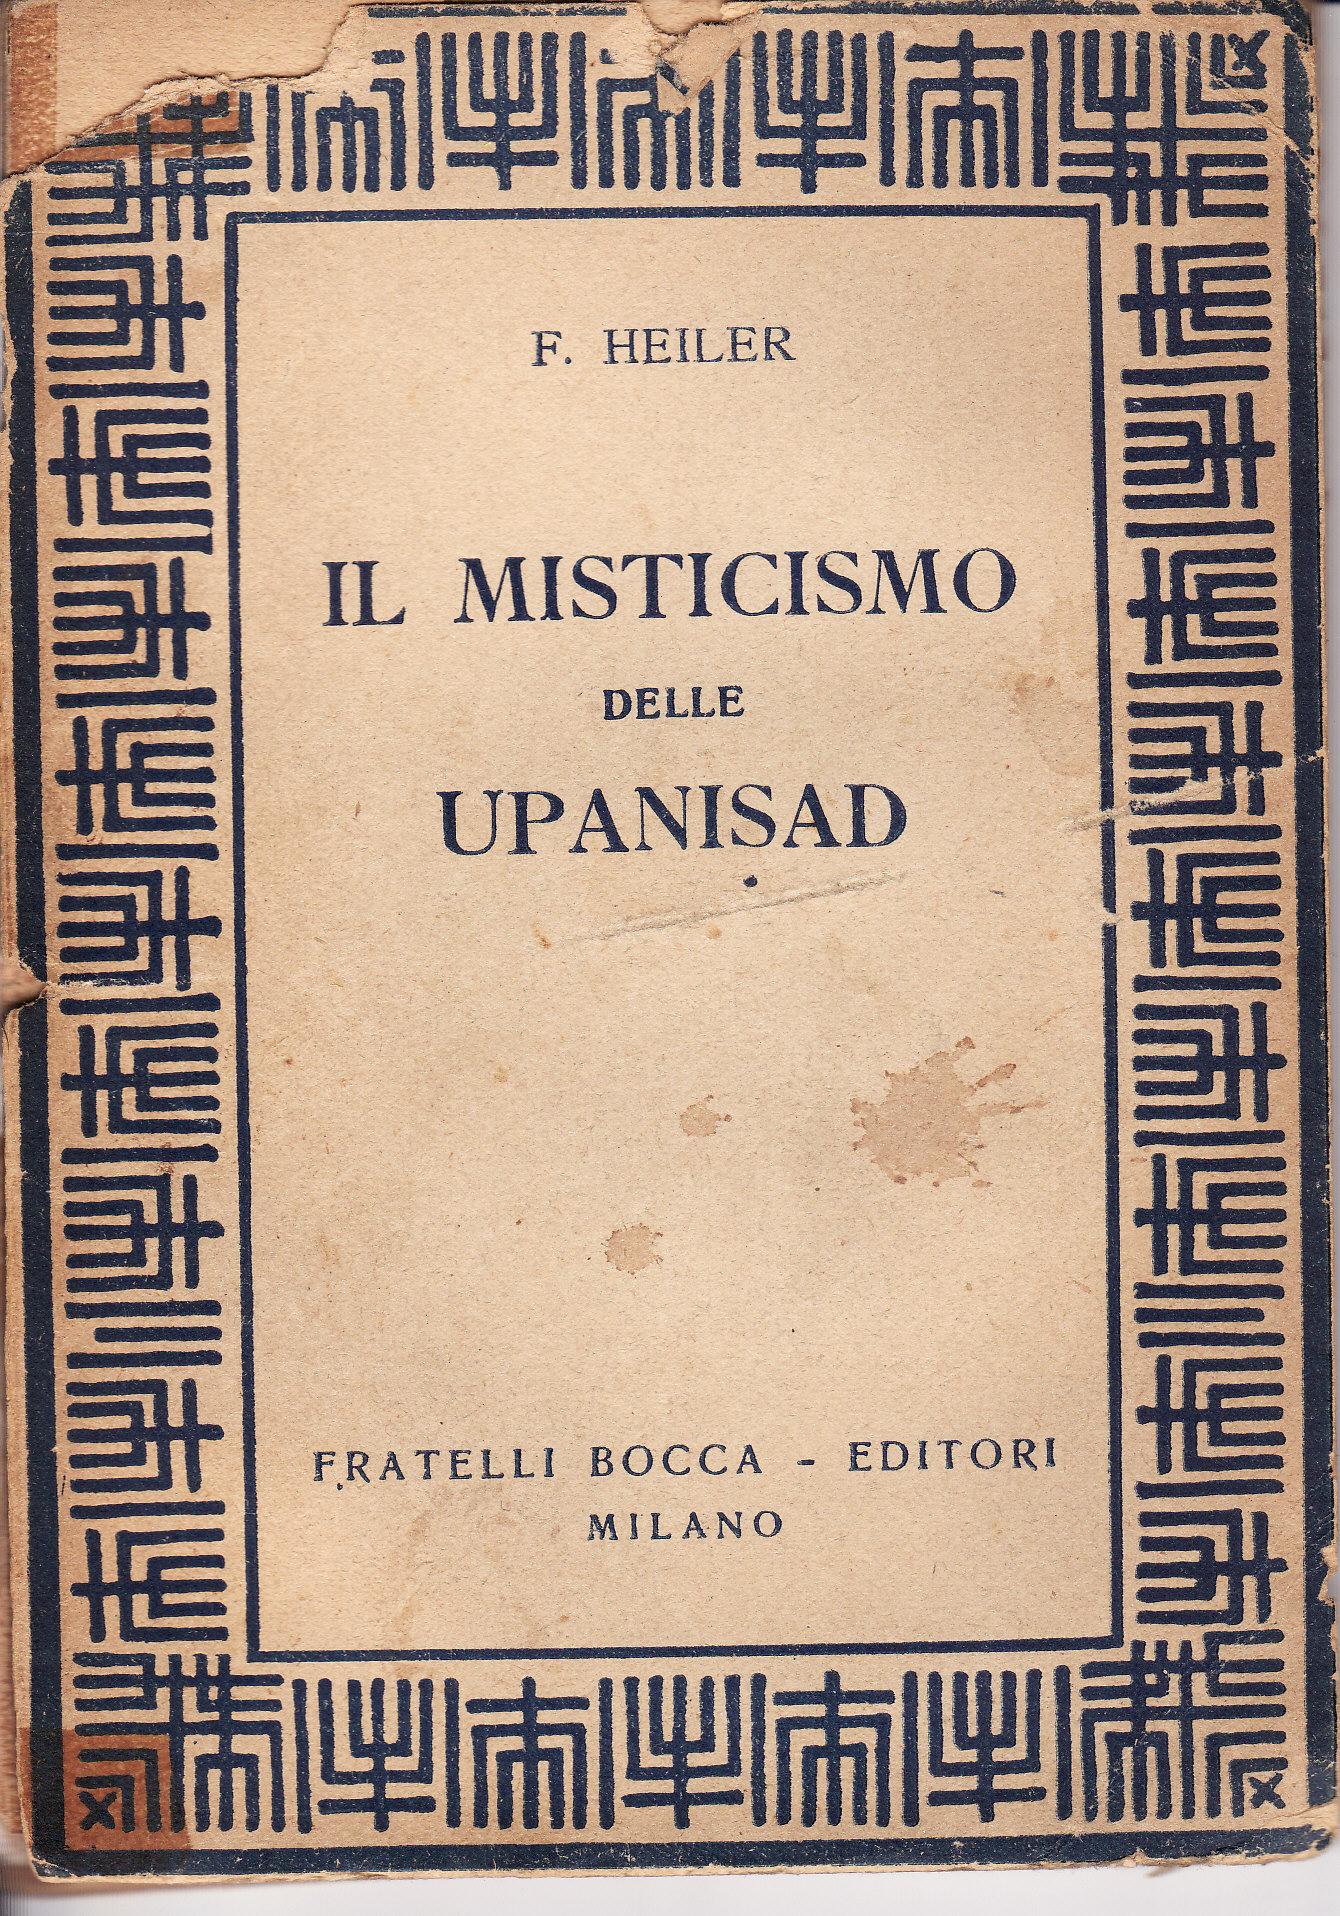 Il misticismo delle Upanisad